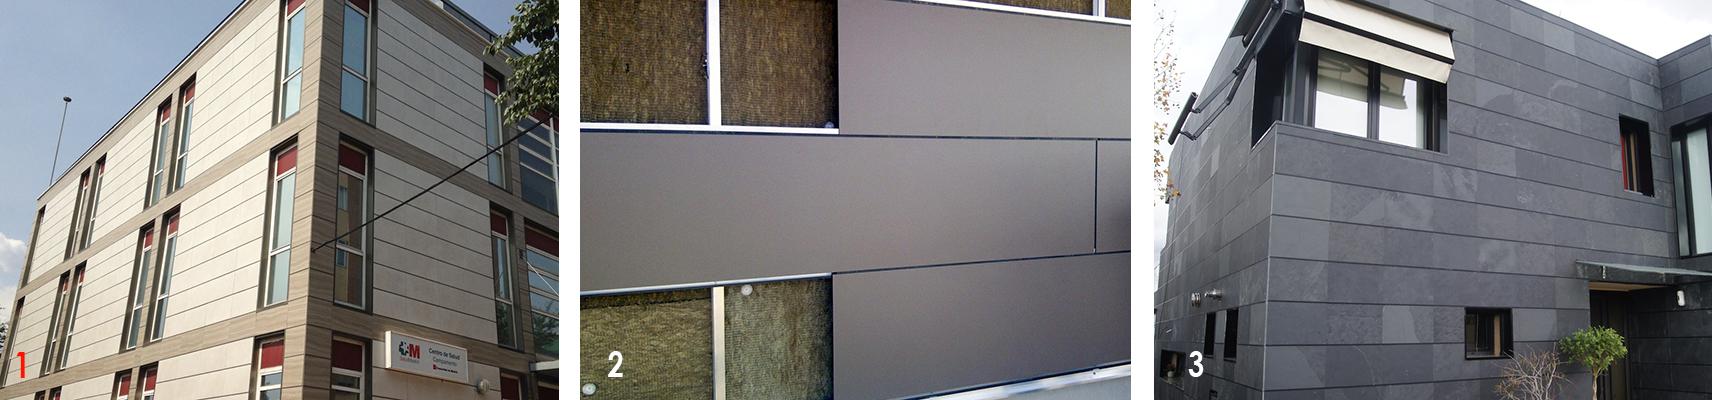 Ejemplos de fachadas ventiladas